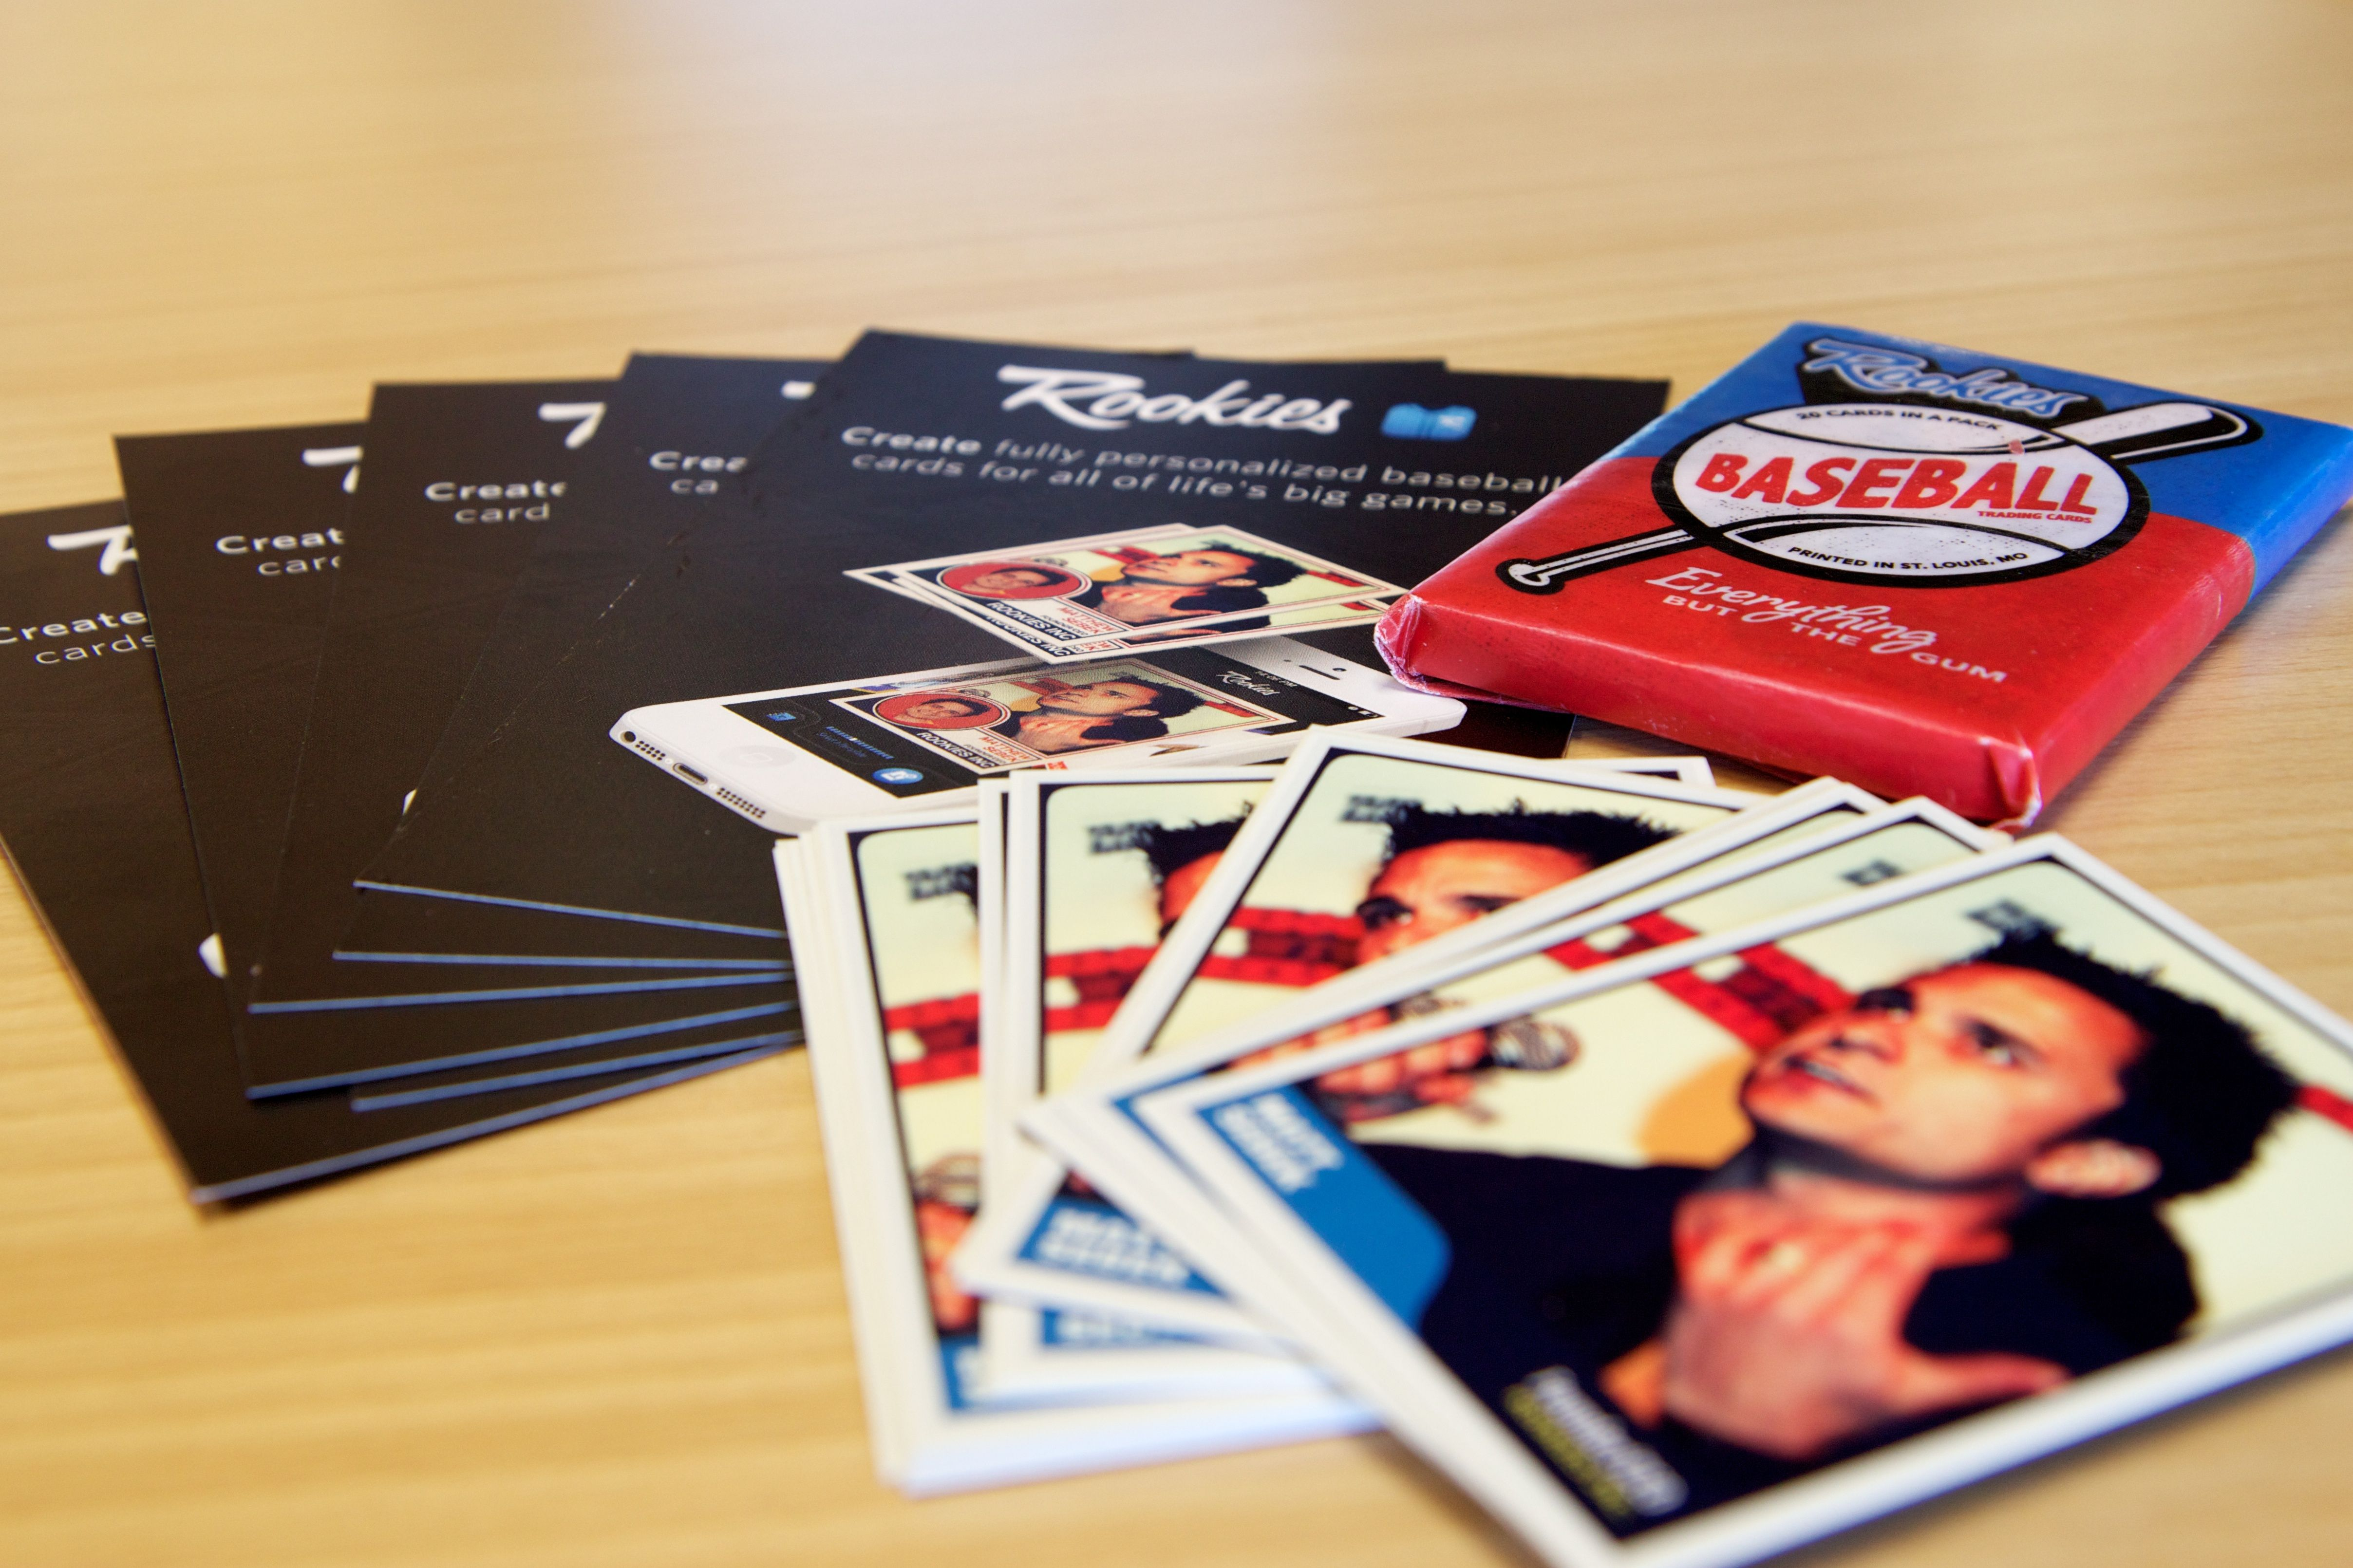 Custom Baseball Cards For Groomsmen Gifts